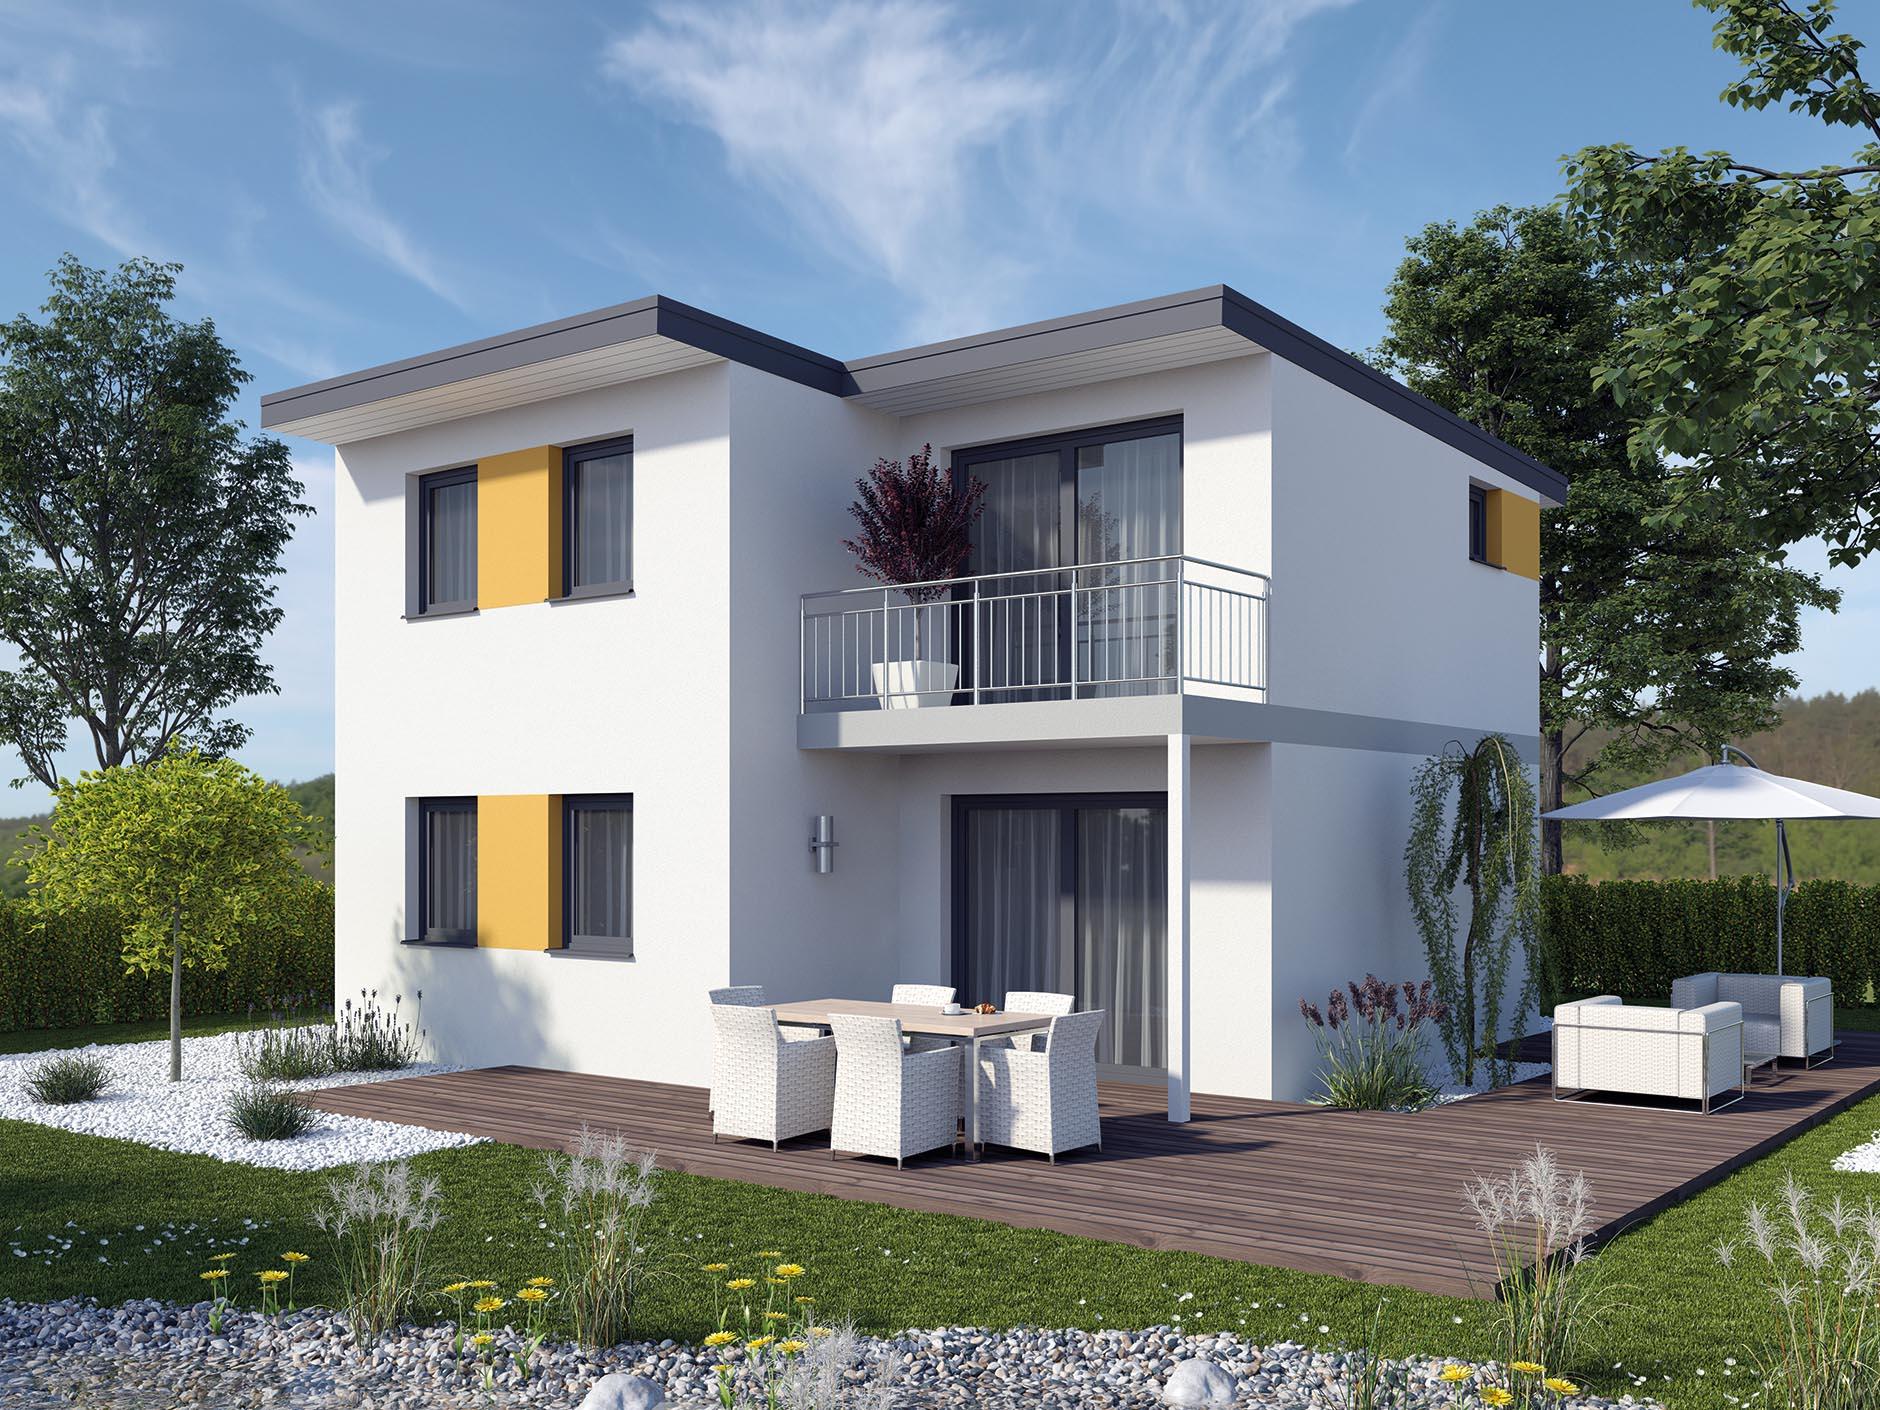 Adam fertighaus design perspektive - Design fertighaus ...